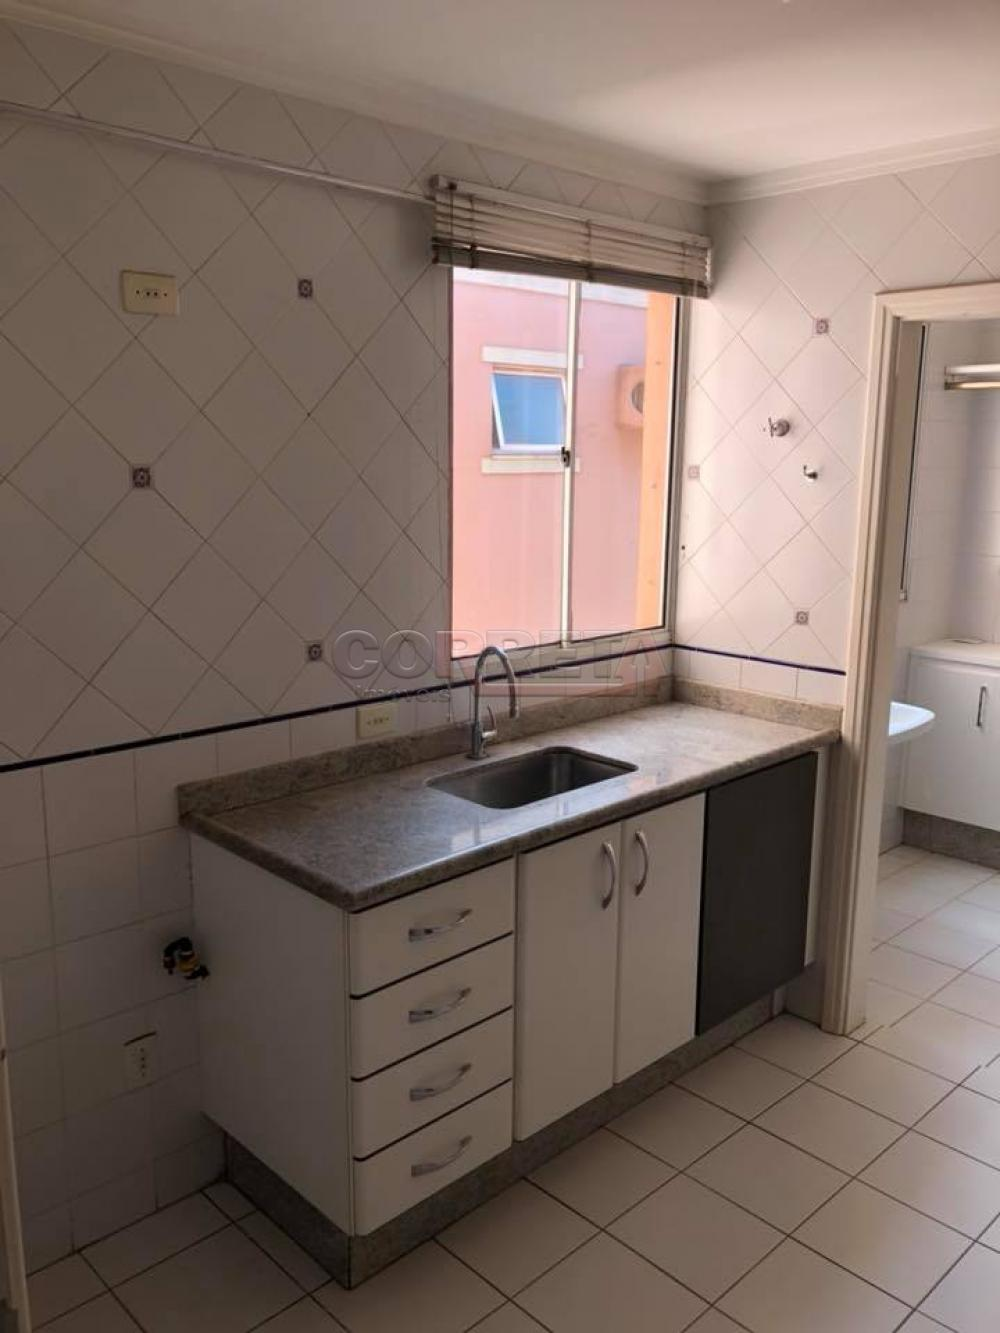 Comprar Apartamento / Padrão em Araçatuba apenas R$ 275.000,00 - Foto 3